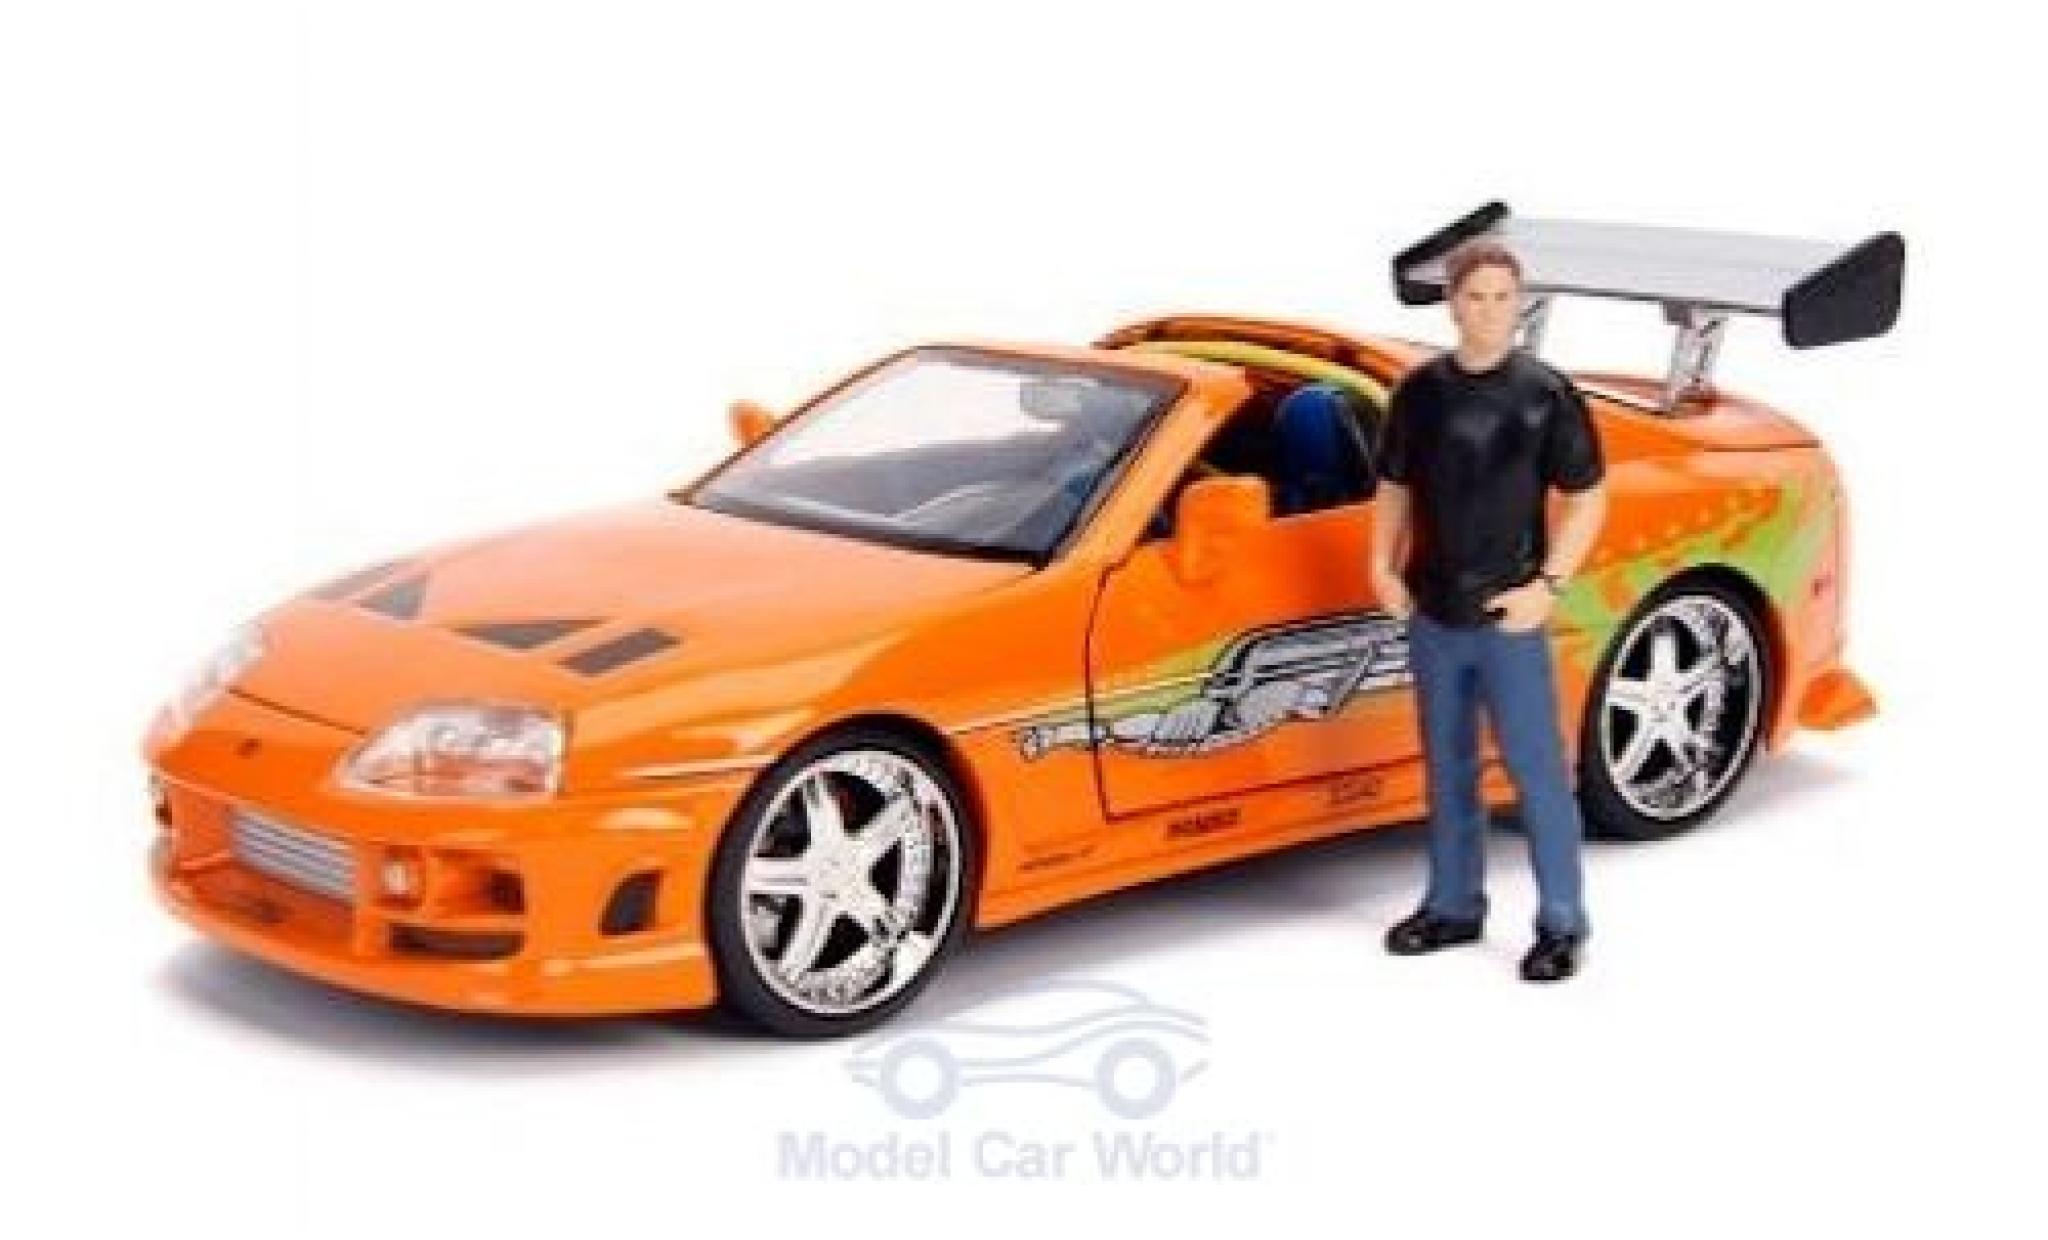 Toyota Supra 1/24 Jada Toys Toys Toys Toys orange/Dekor Fast & Furious 1995 mit Figur